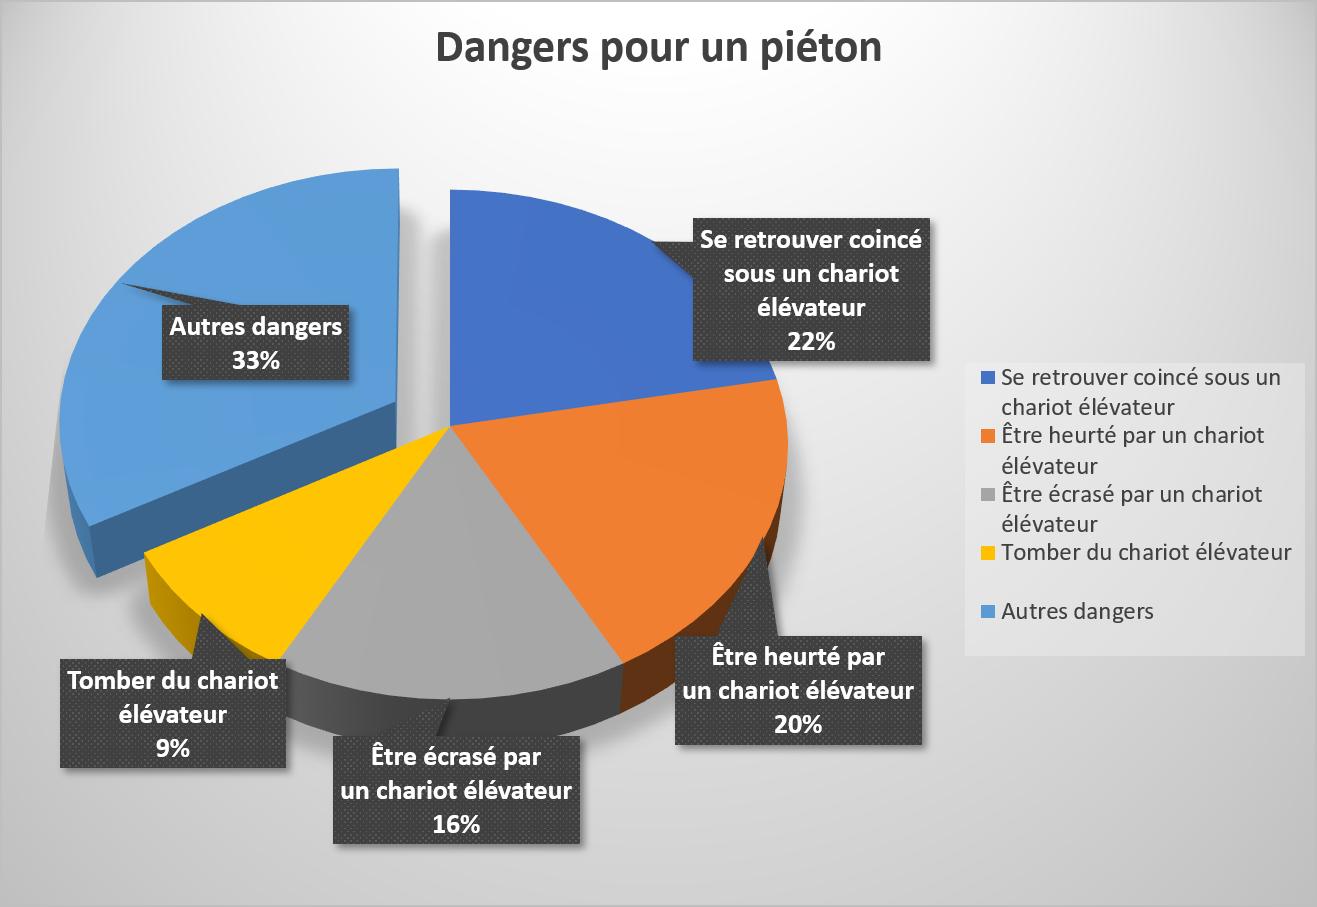 Dangers pour un piéton